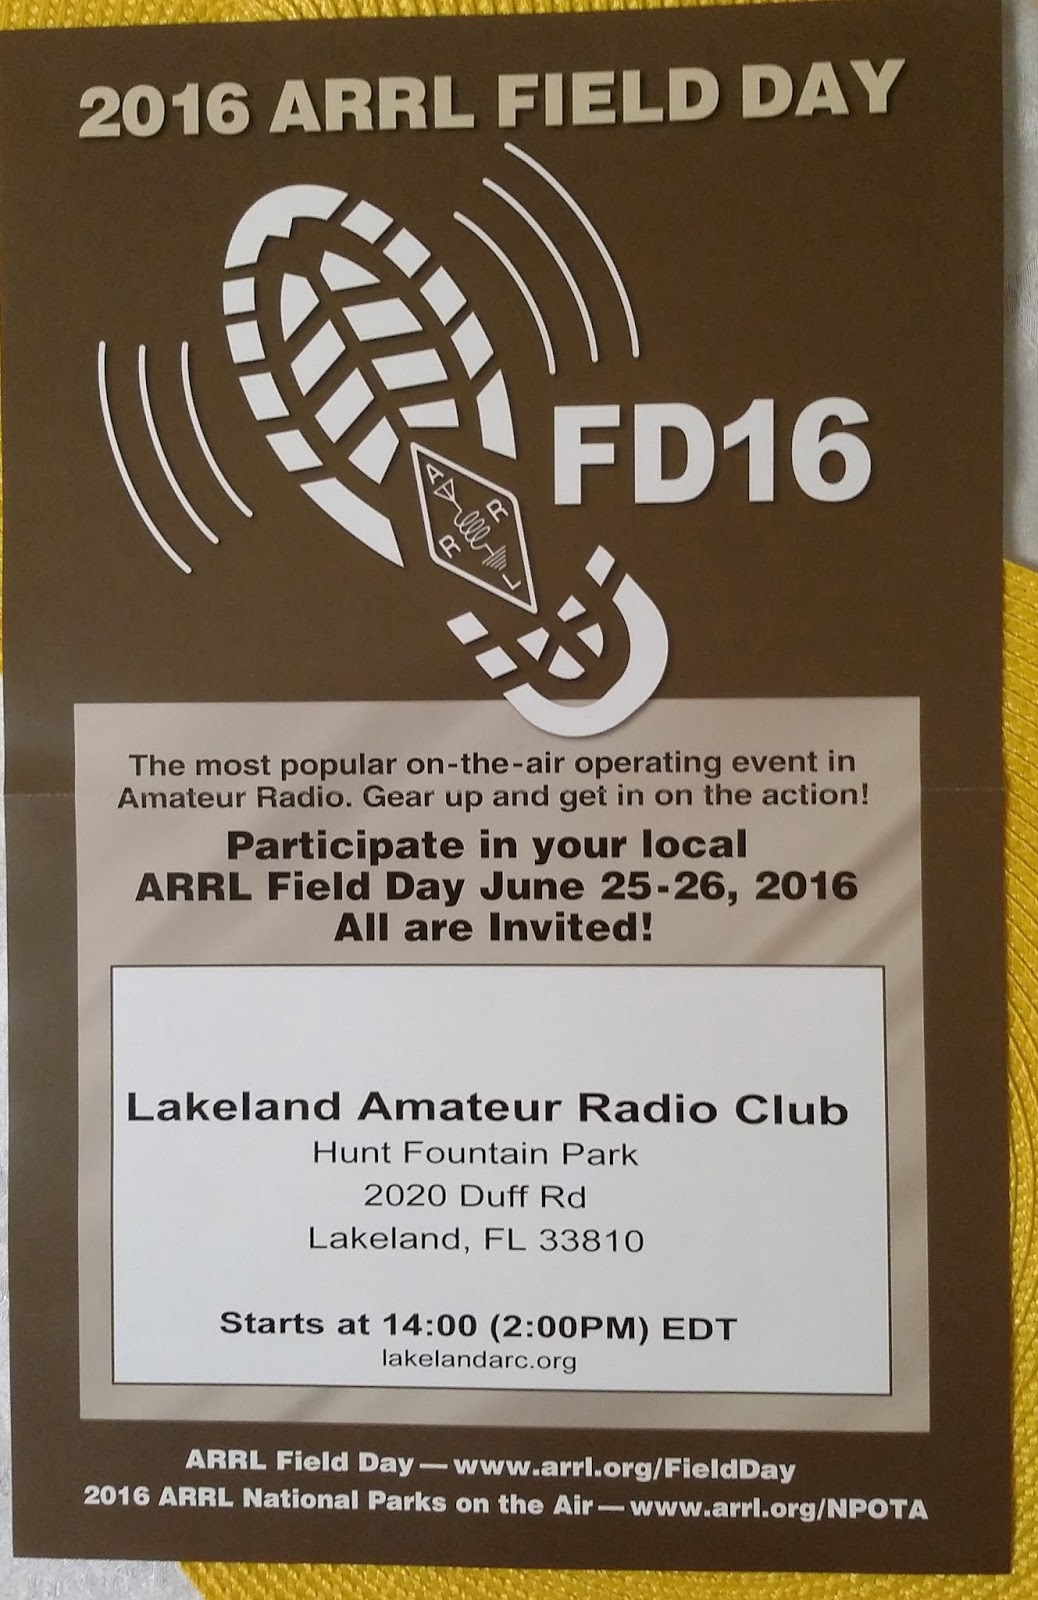 Lakeland Amateur Radio Club: 2016